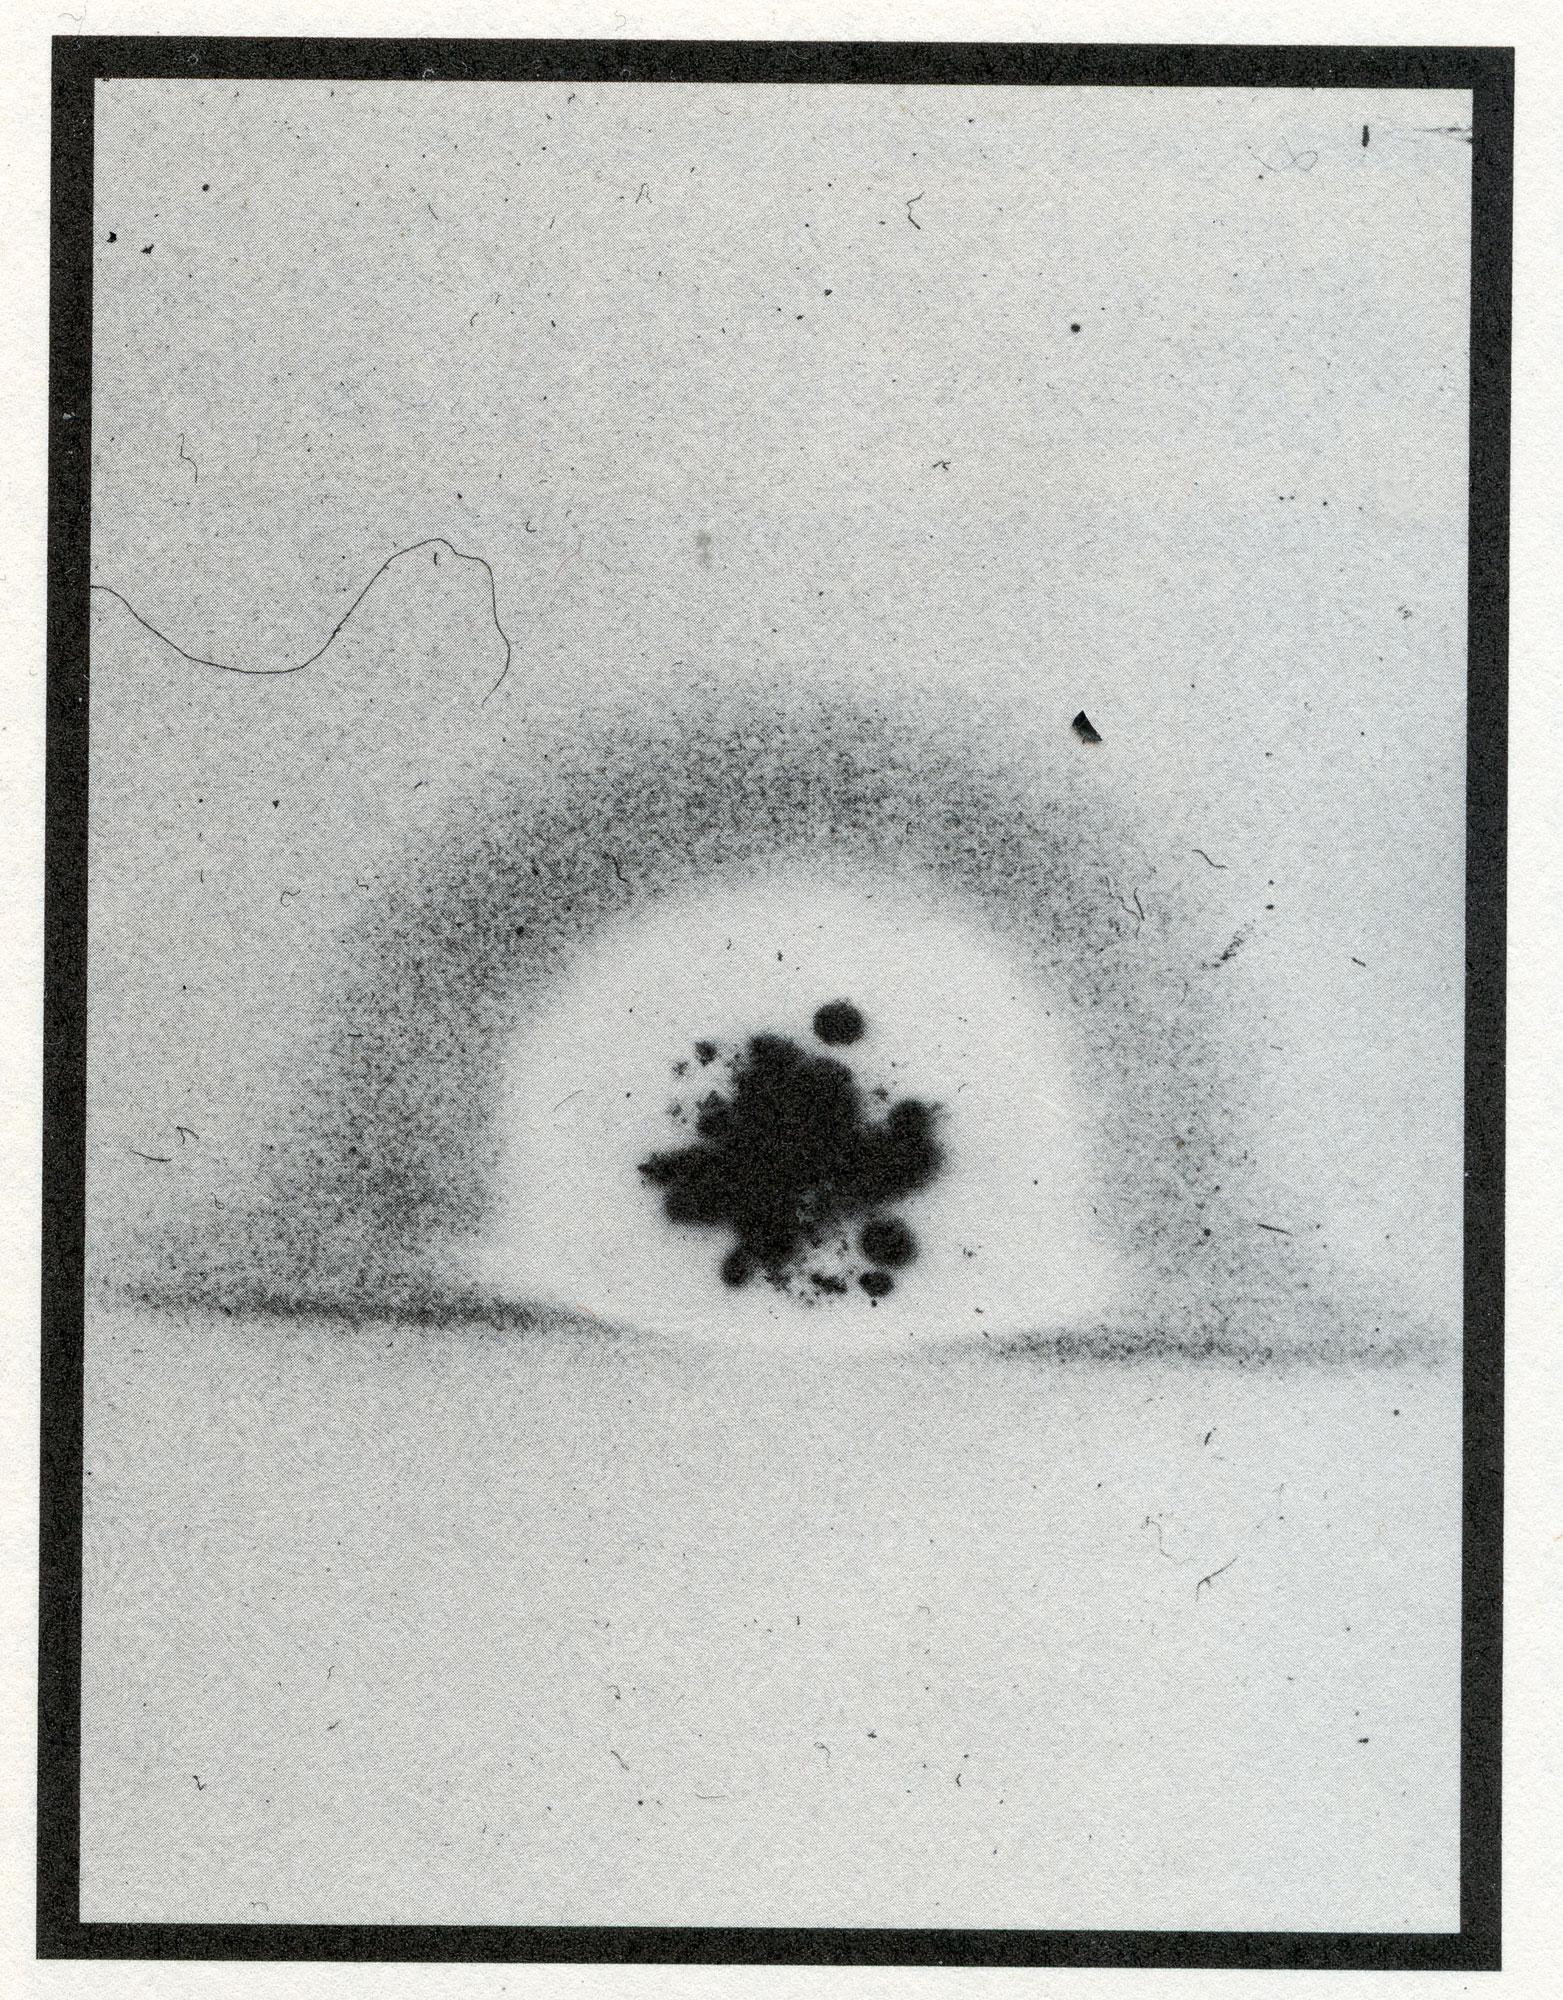 Trinity blast with burn hole in film